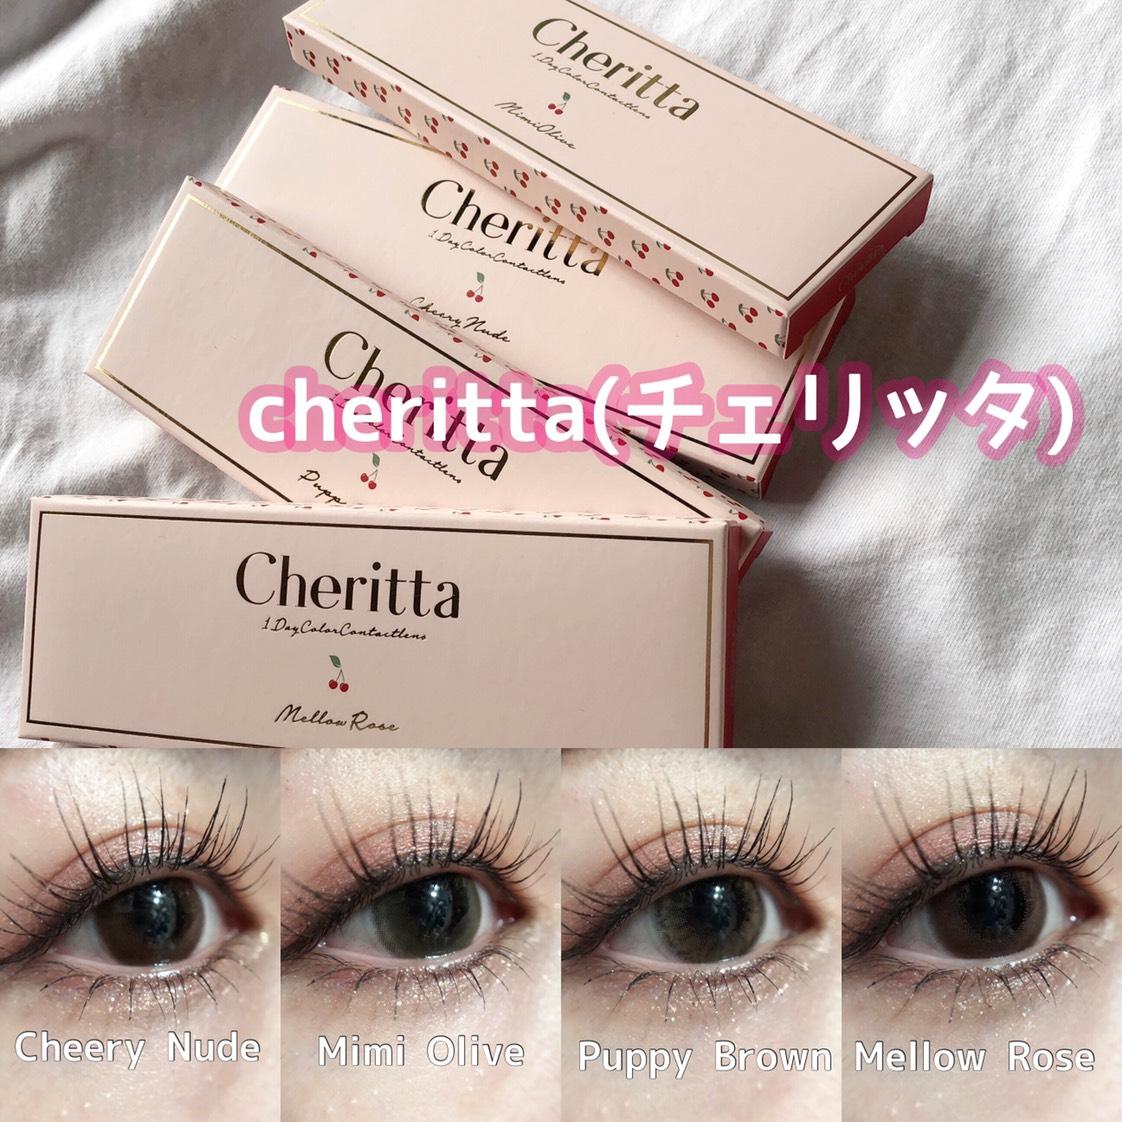 ♥️♥️ cheritta(チェリッタ) ♥️♥️